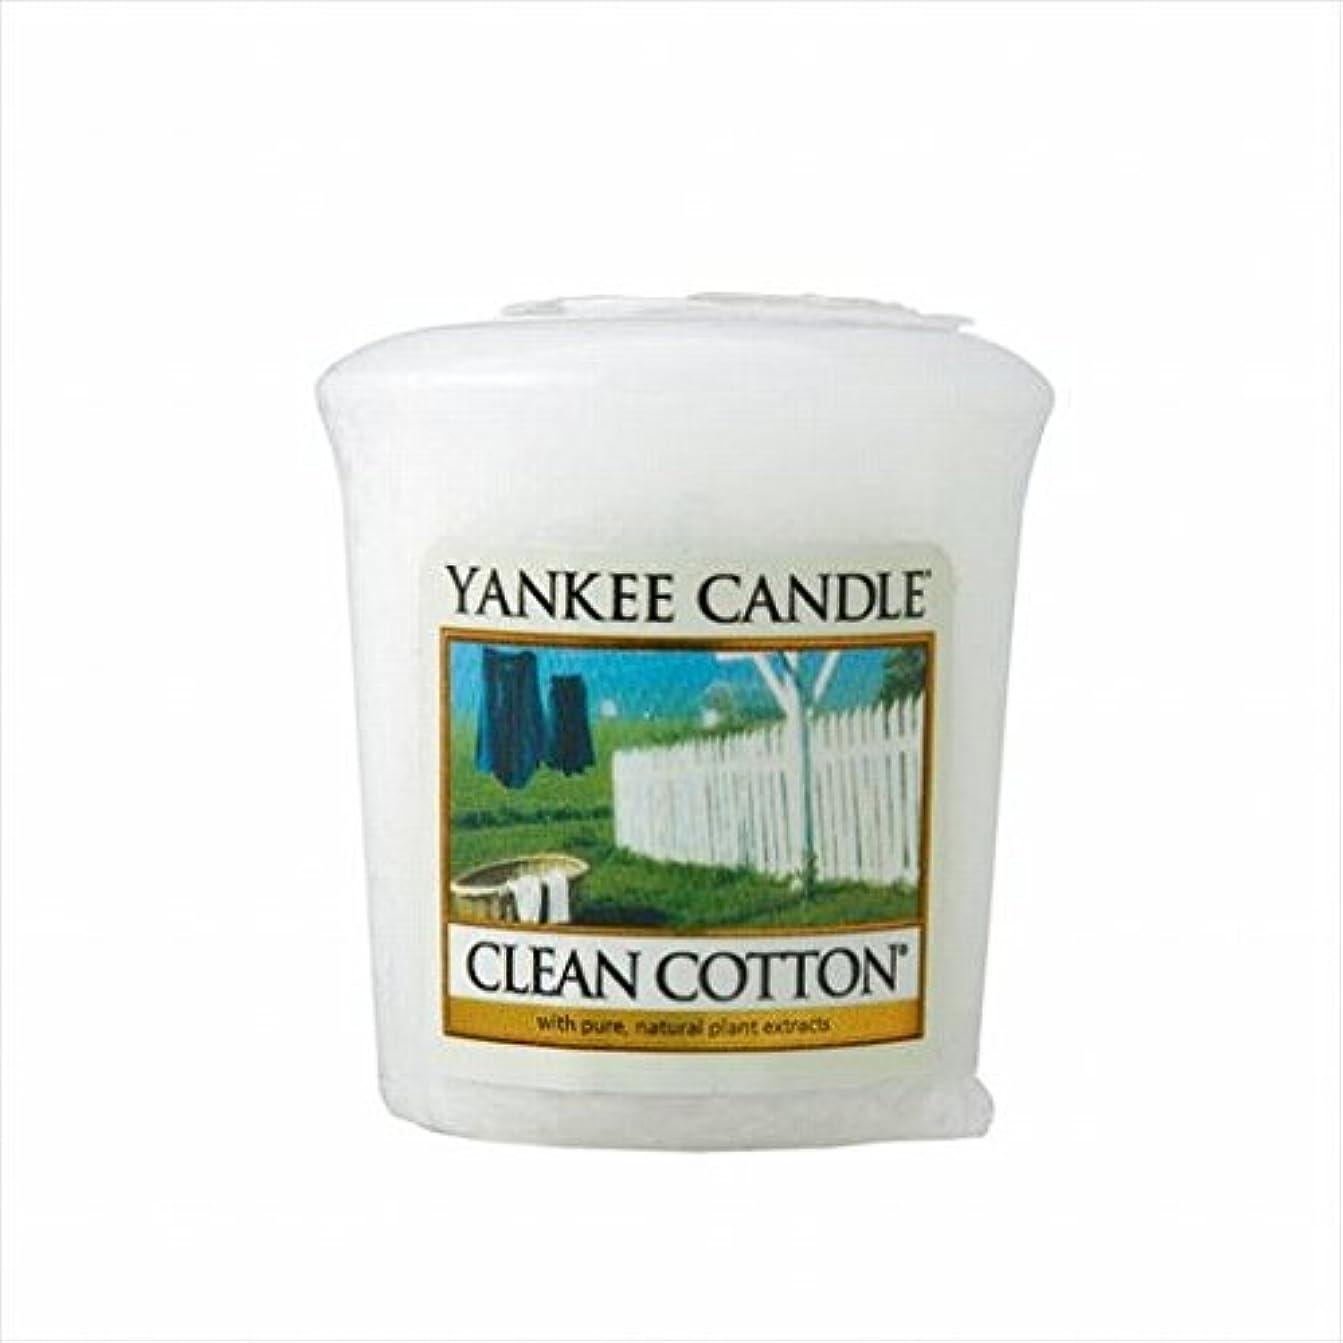 破壊するエンティティ退屈カメヤマキャンドル(kameyama candle) YANKEE CANDLE サンプラー 「 クリーンコットン 」